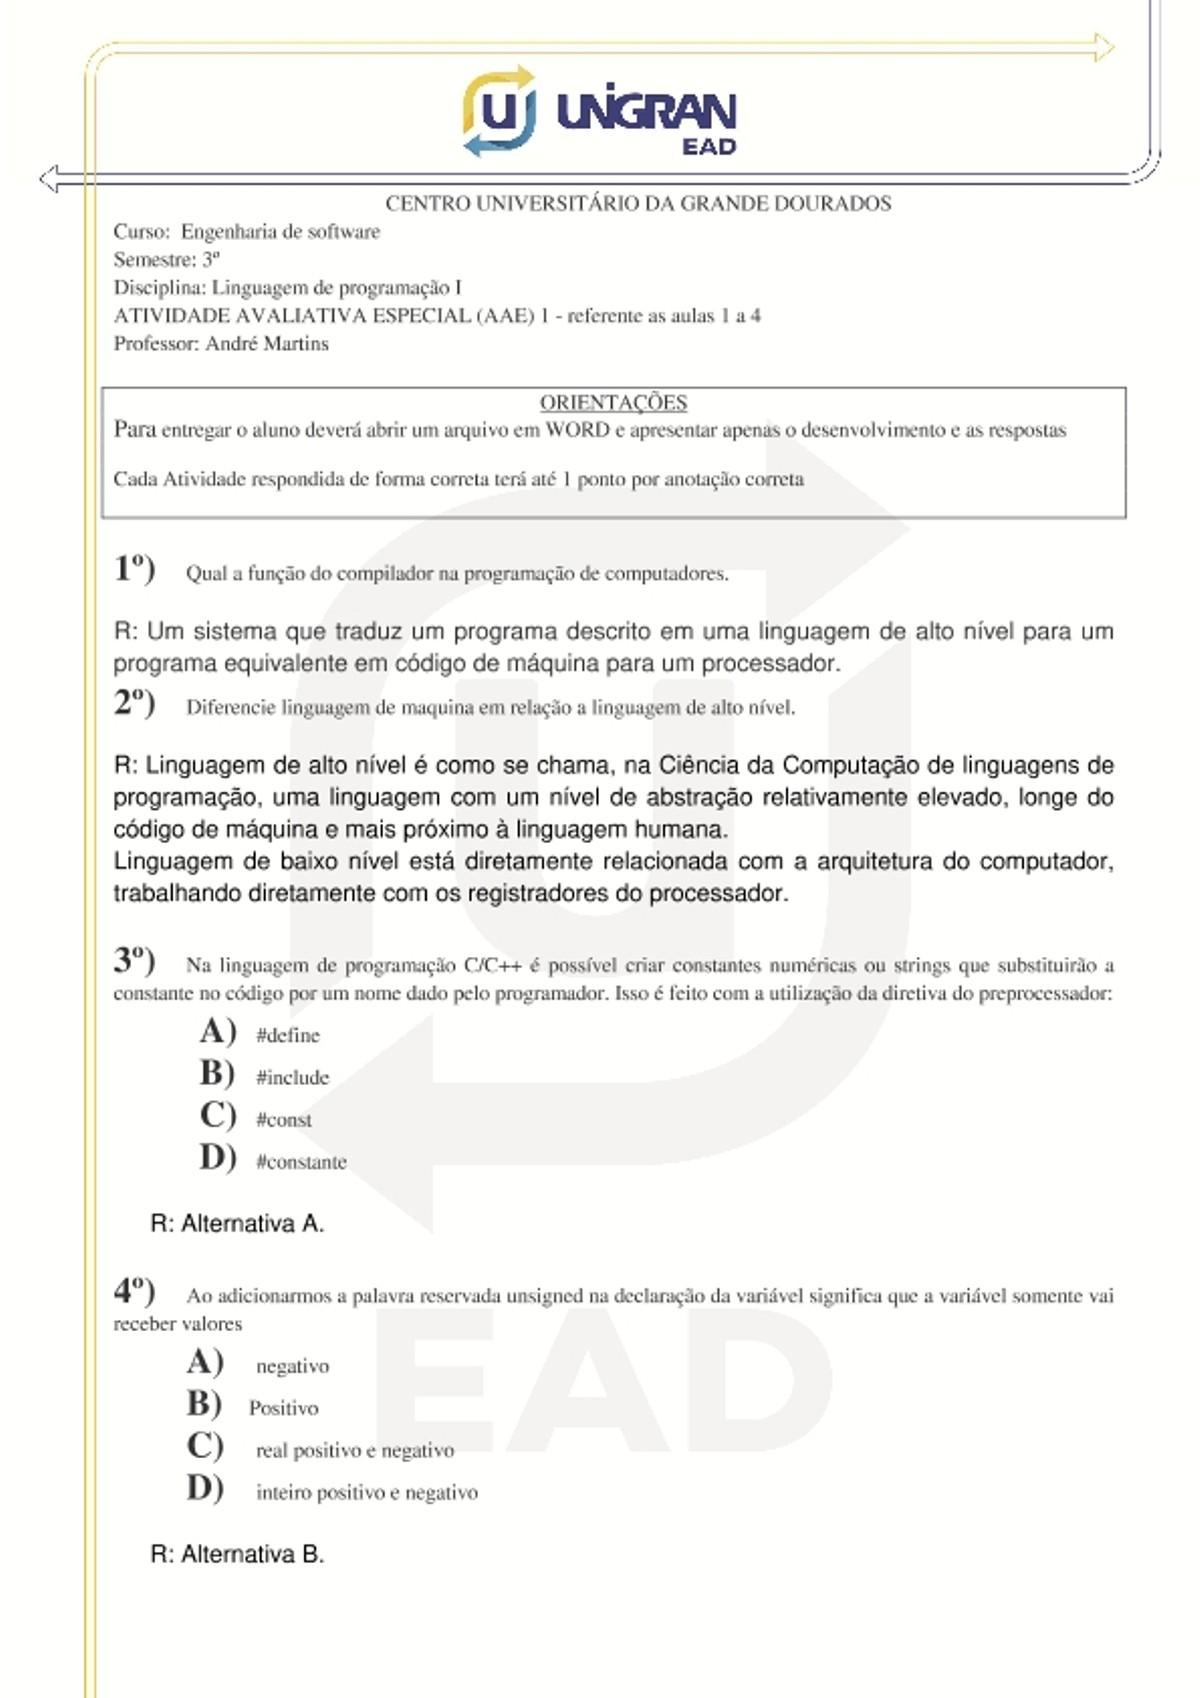 Pre-visualização do material Atividade Avaliativa Especial - Prova 1 CORRIGIDA 123_713 - página 1